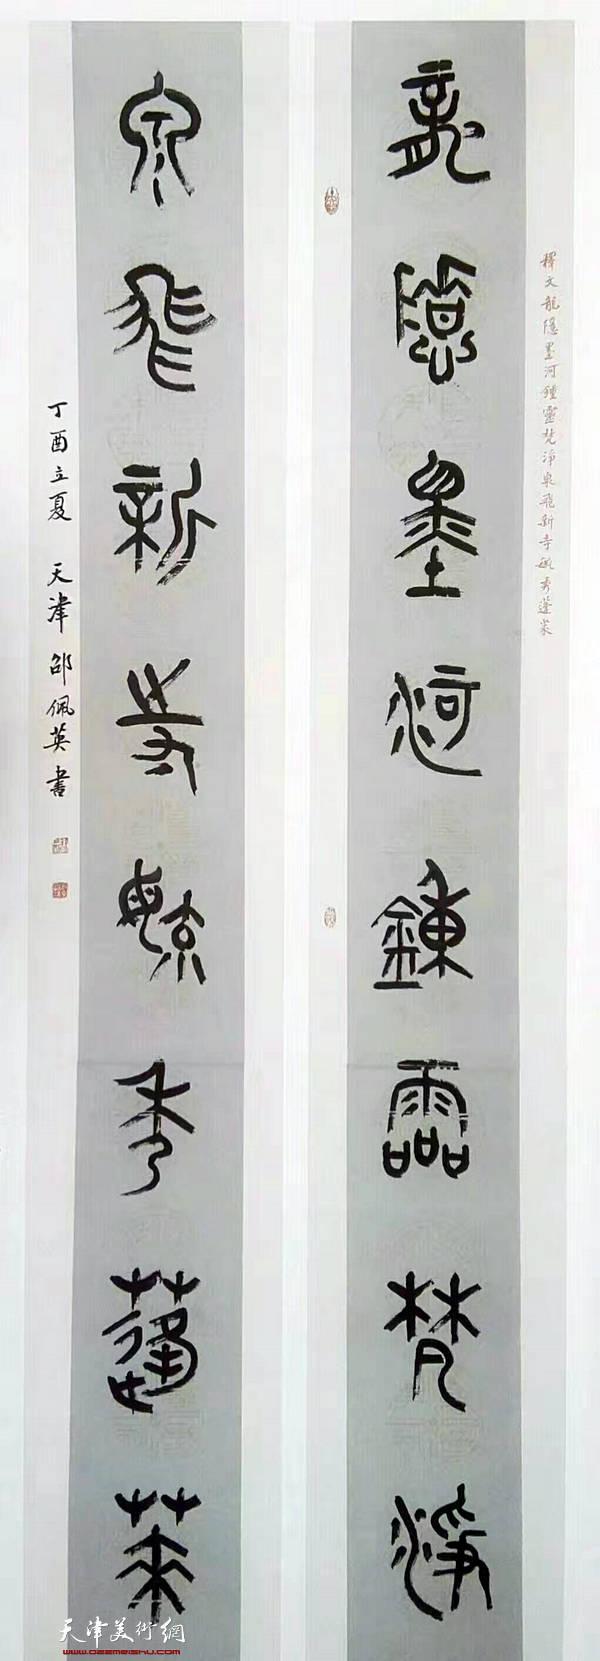 中国书法家协会篆书委员会委员、天津市书法家协会驻会副主席邵佩英参展作品。